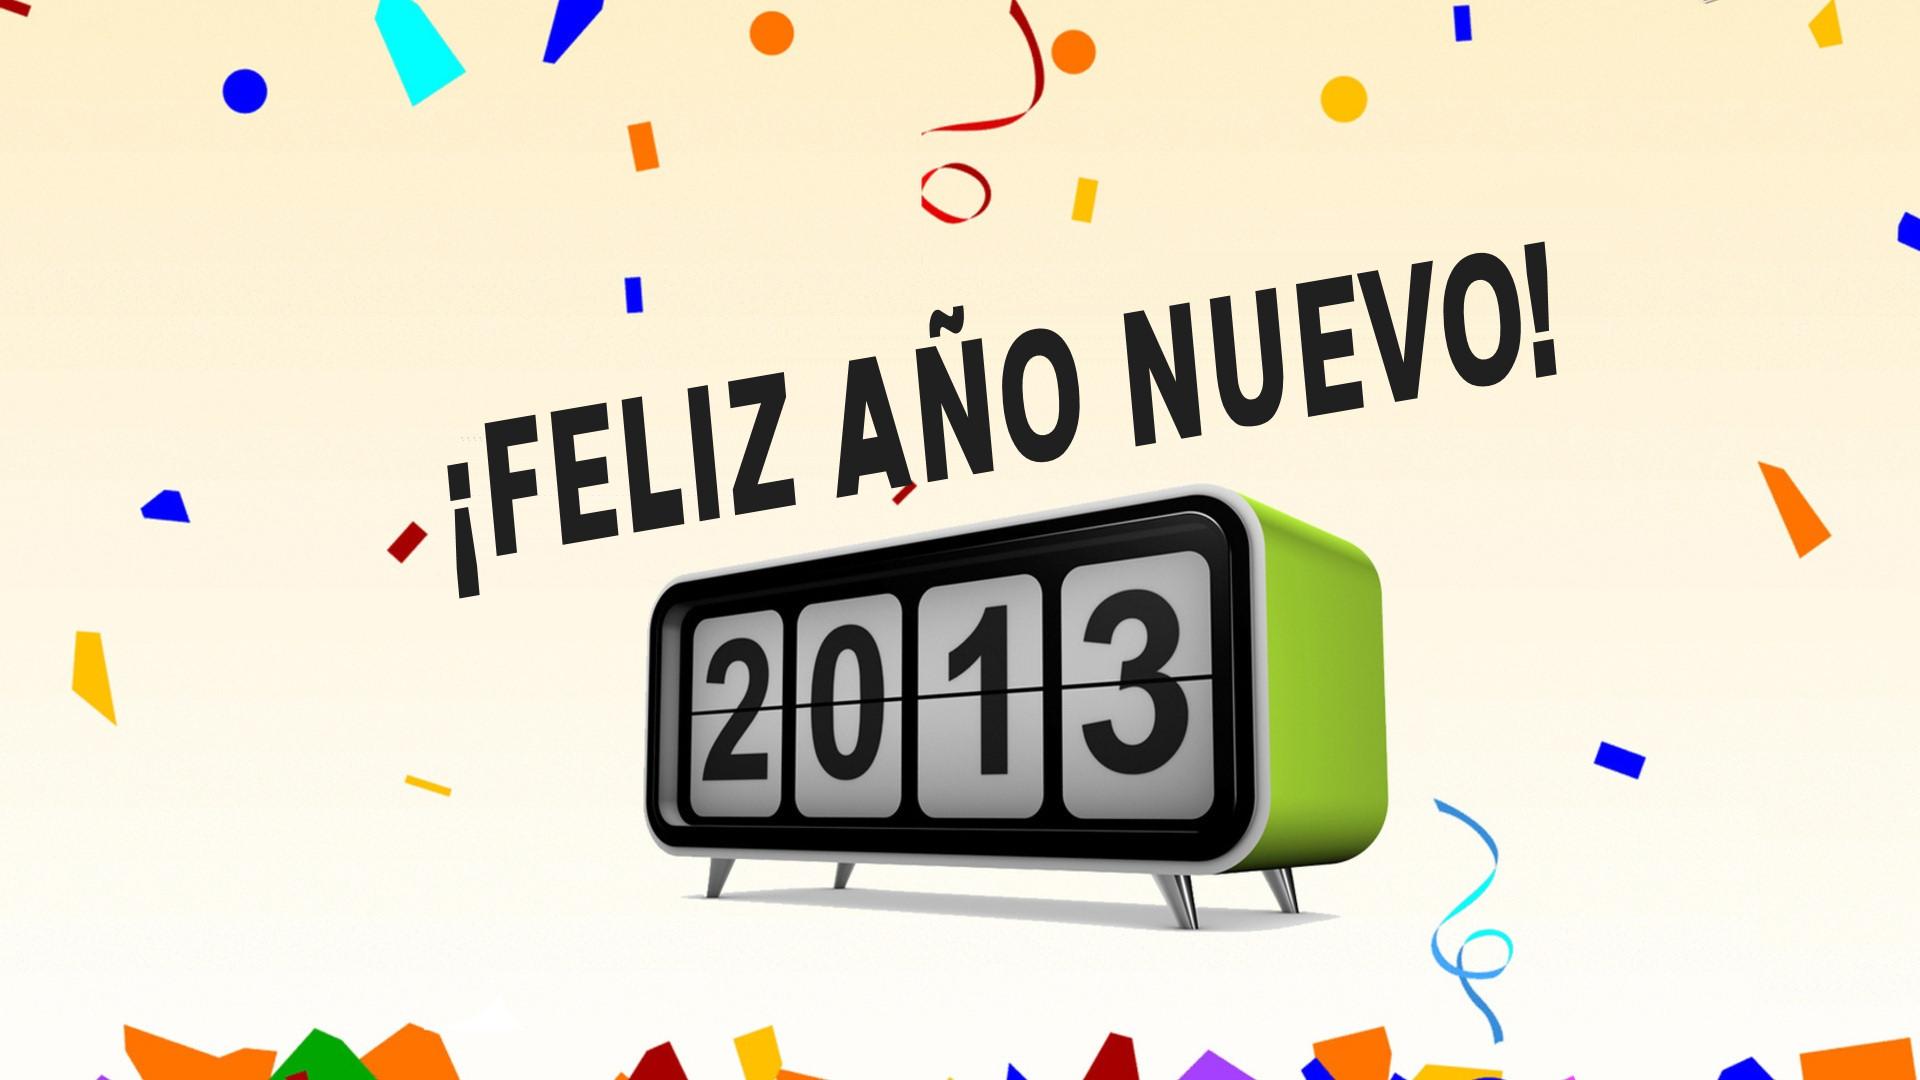 ano nuevo 2013